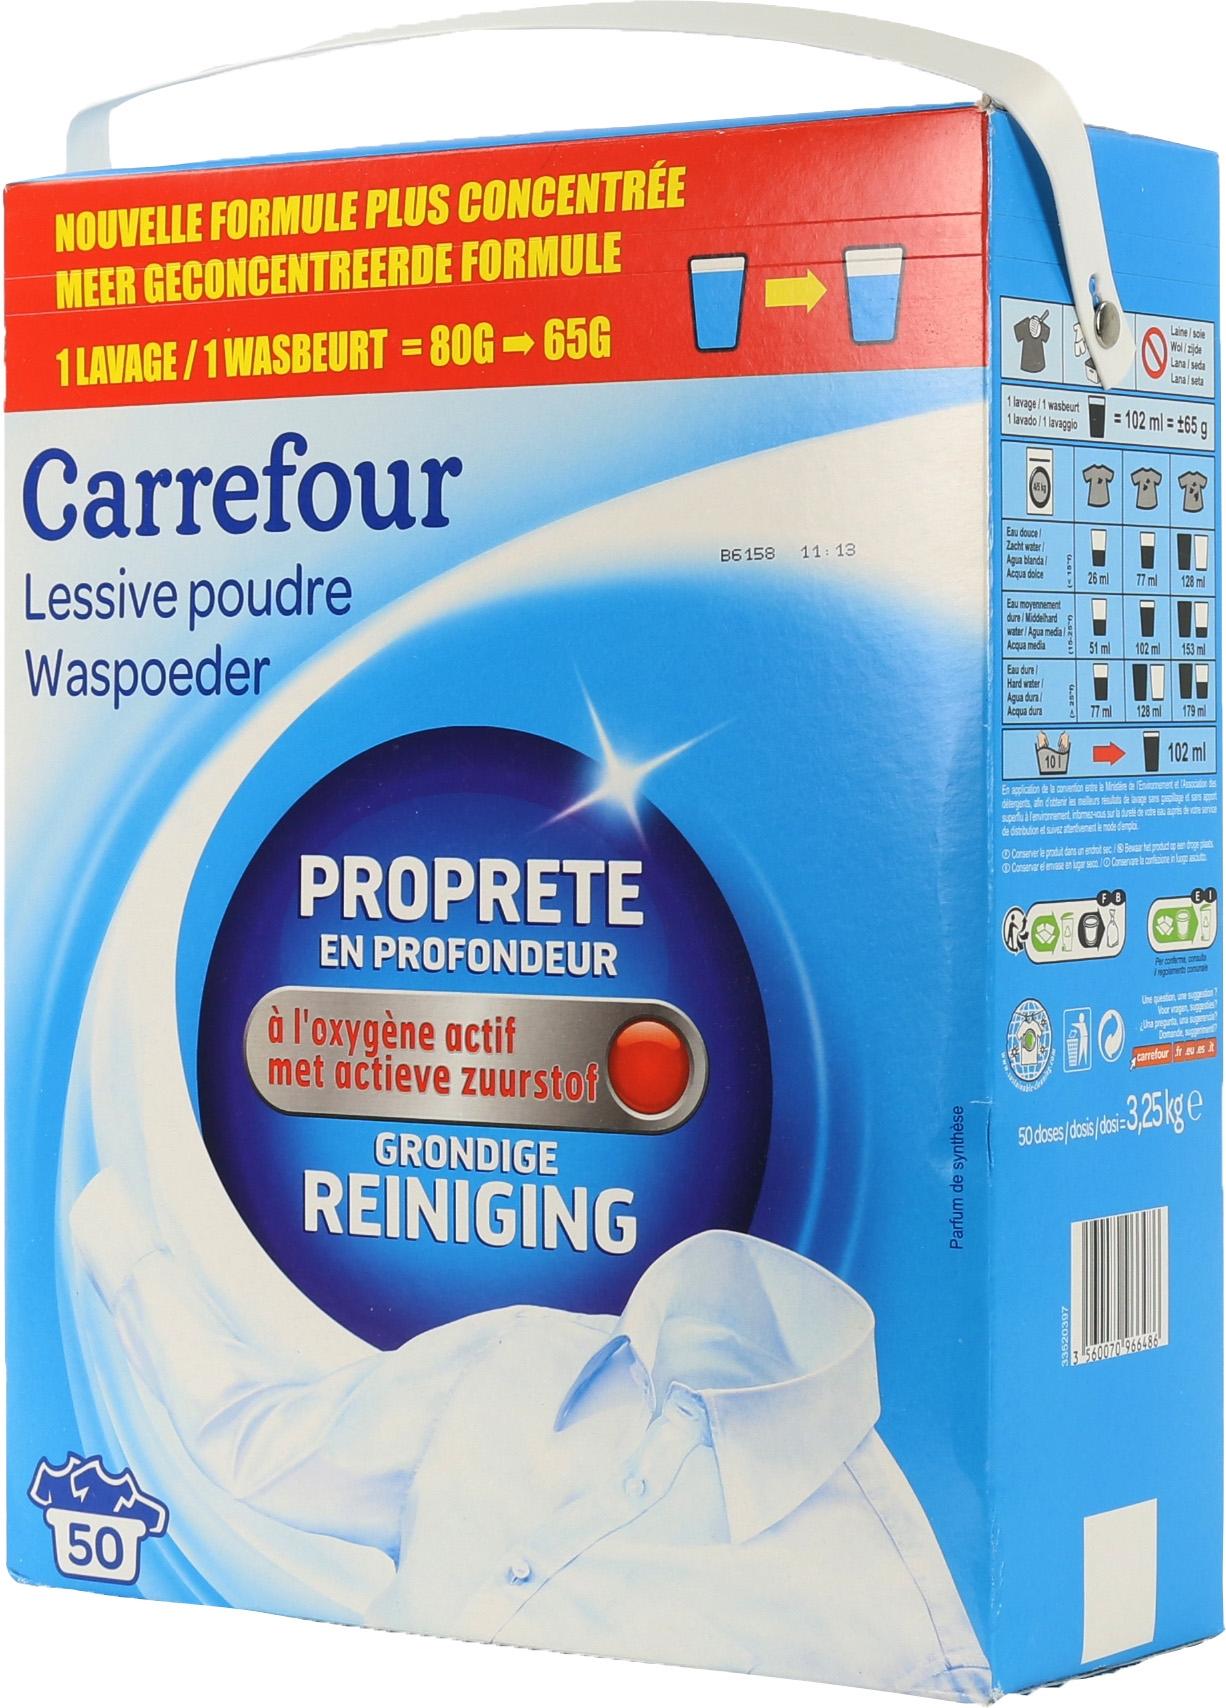 An Lisis De Carrefour Limpieza En Profundidad Polvo Comparador  ~ Mejor Detergente Lavadora Calidad Precio